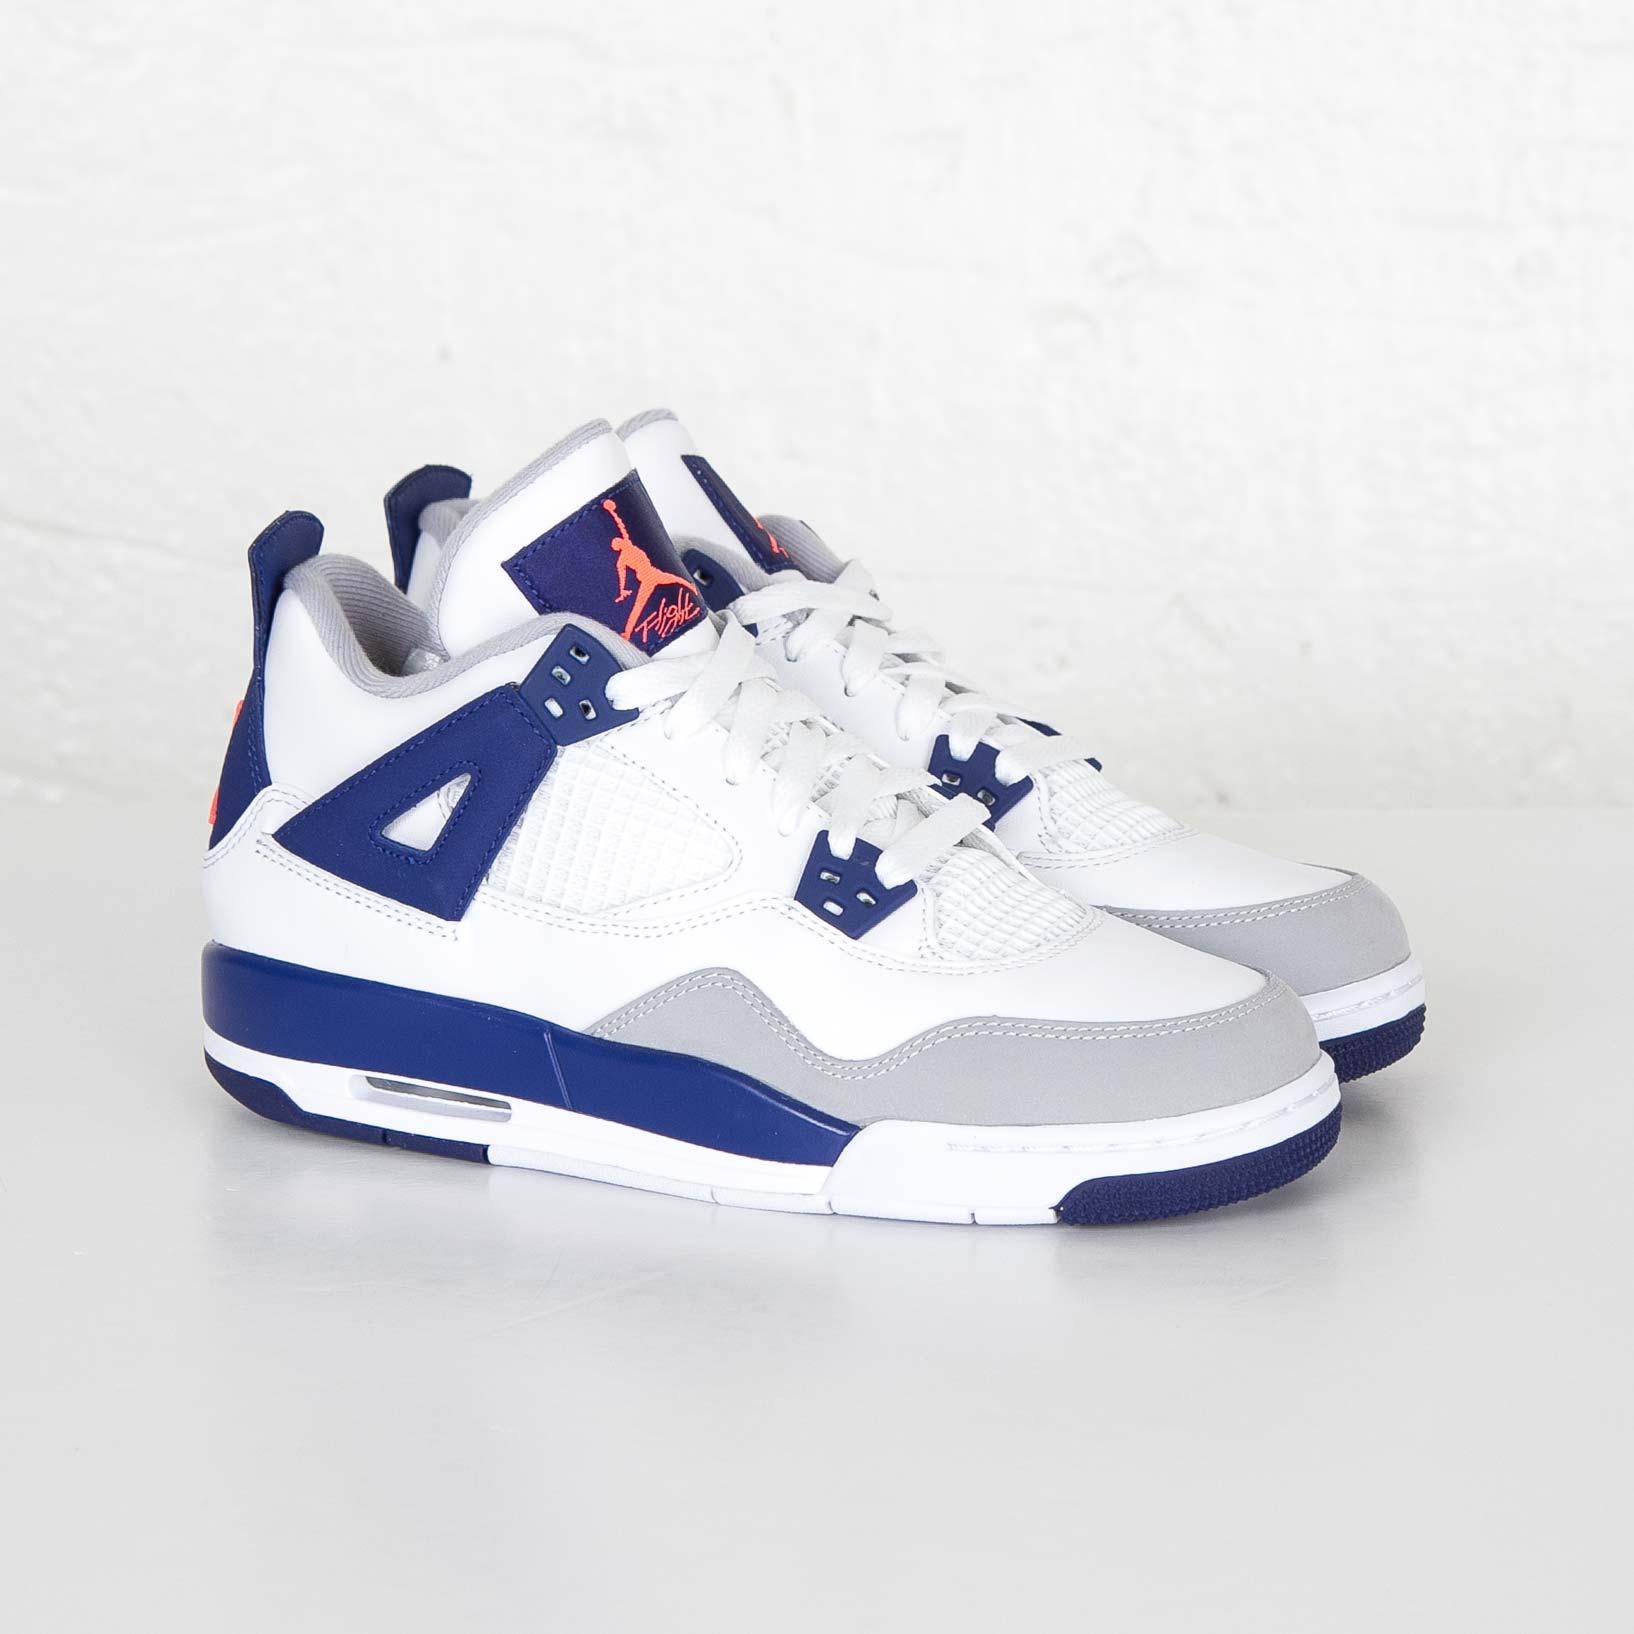 2ea83ec66c9 Jordan Brand Air Jordan 4 Retro (GS) - 487724-132 - Sneakersnstuff ...